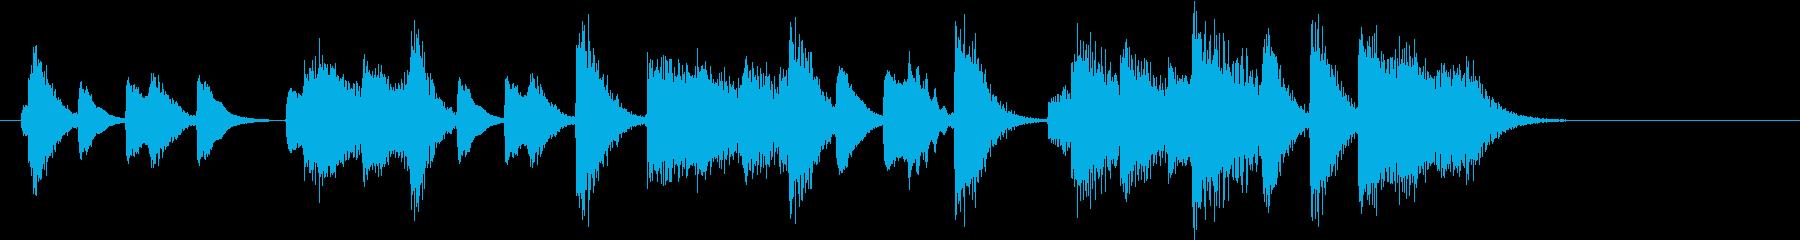 童謡・うれしいひなまつりピアノジングルBの再生済みの波形